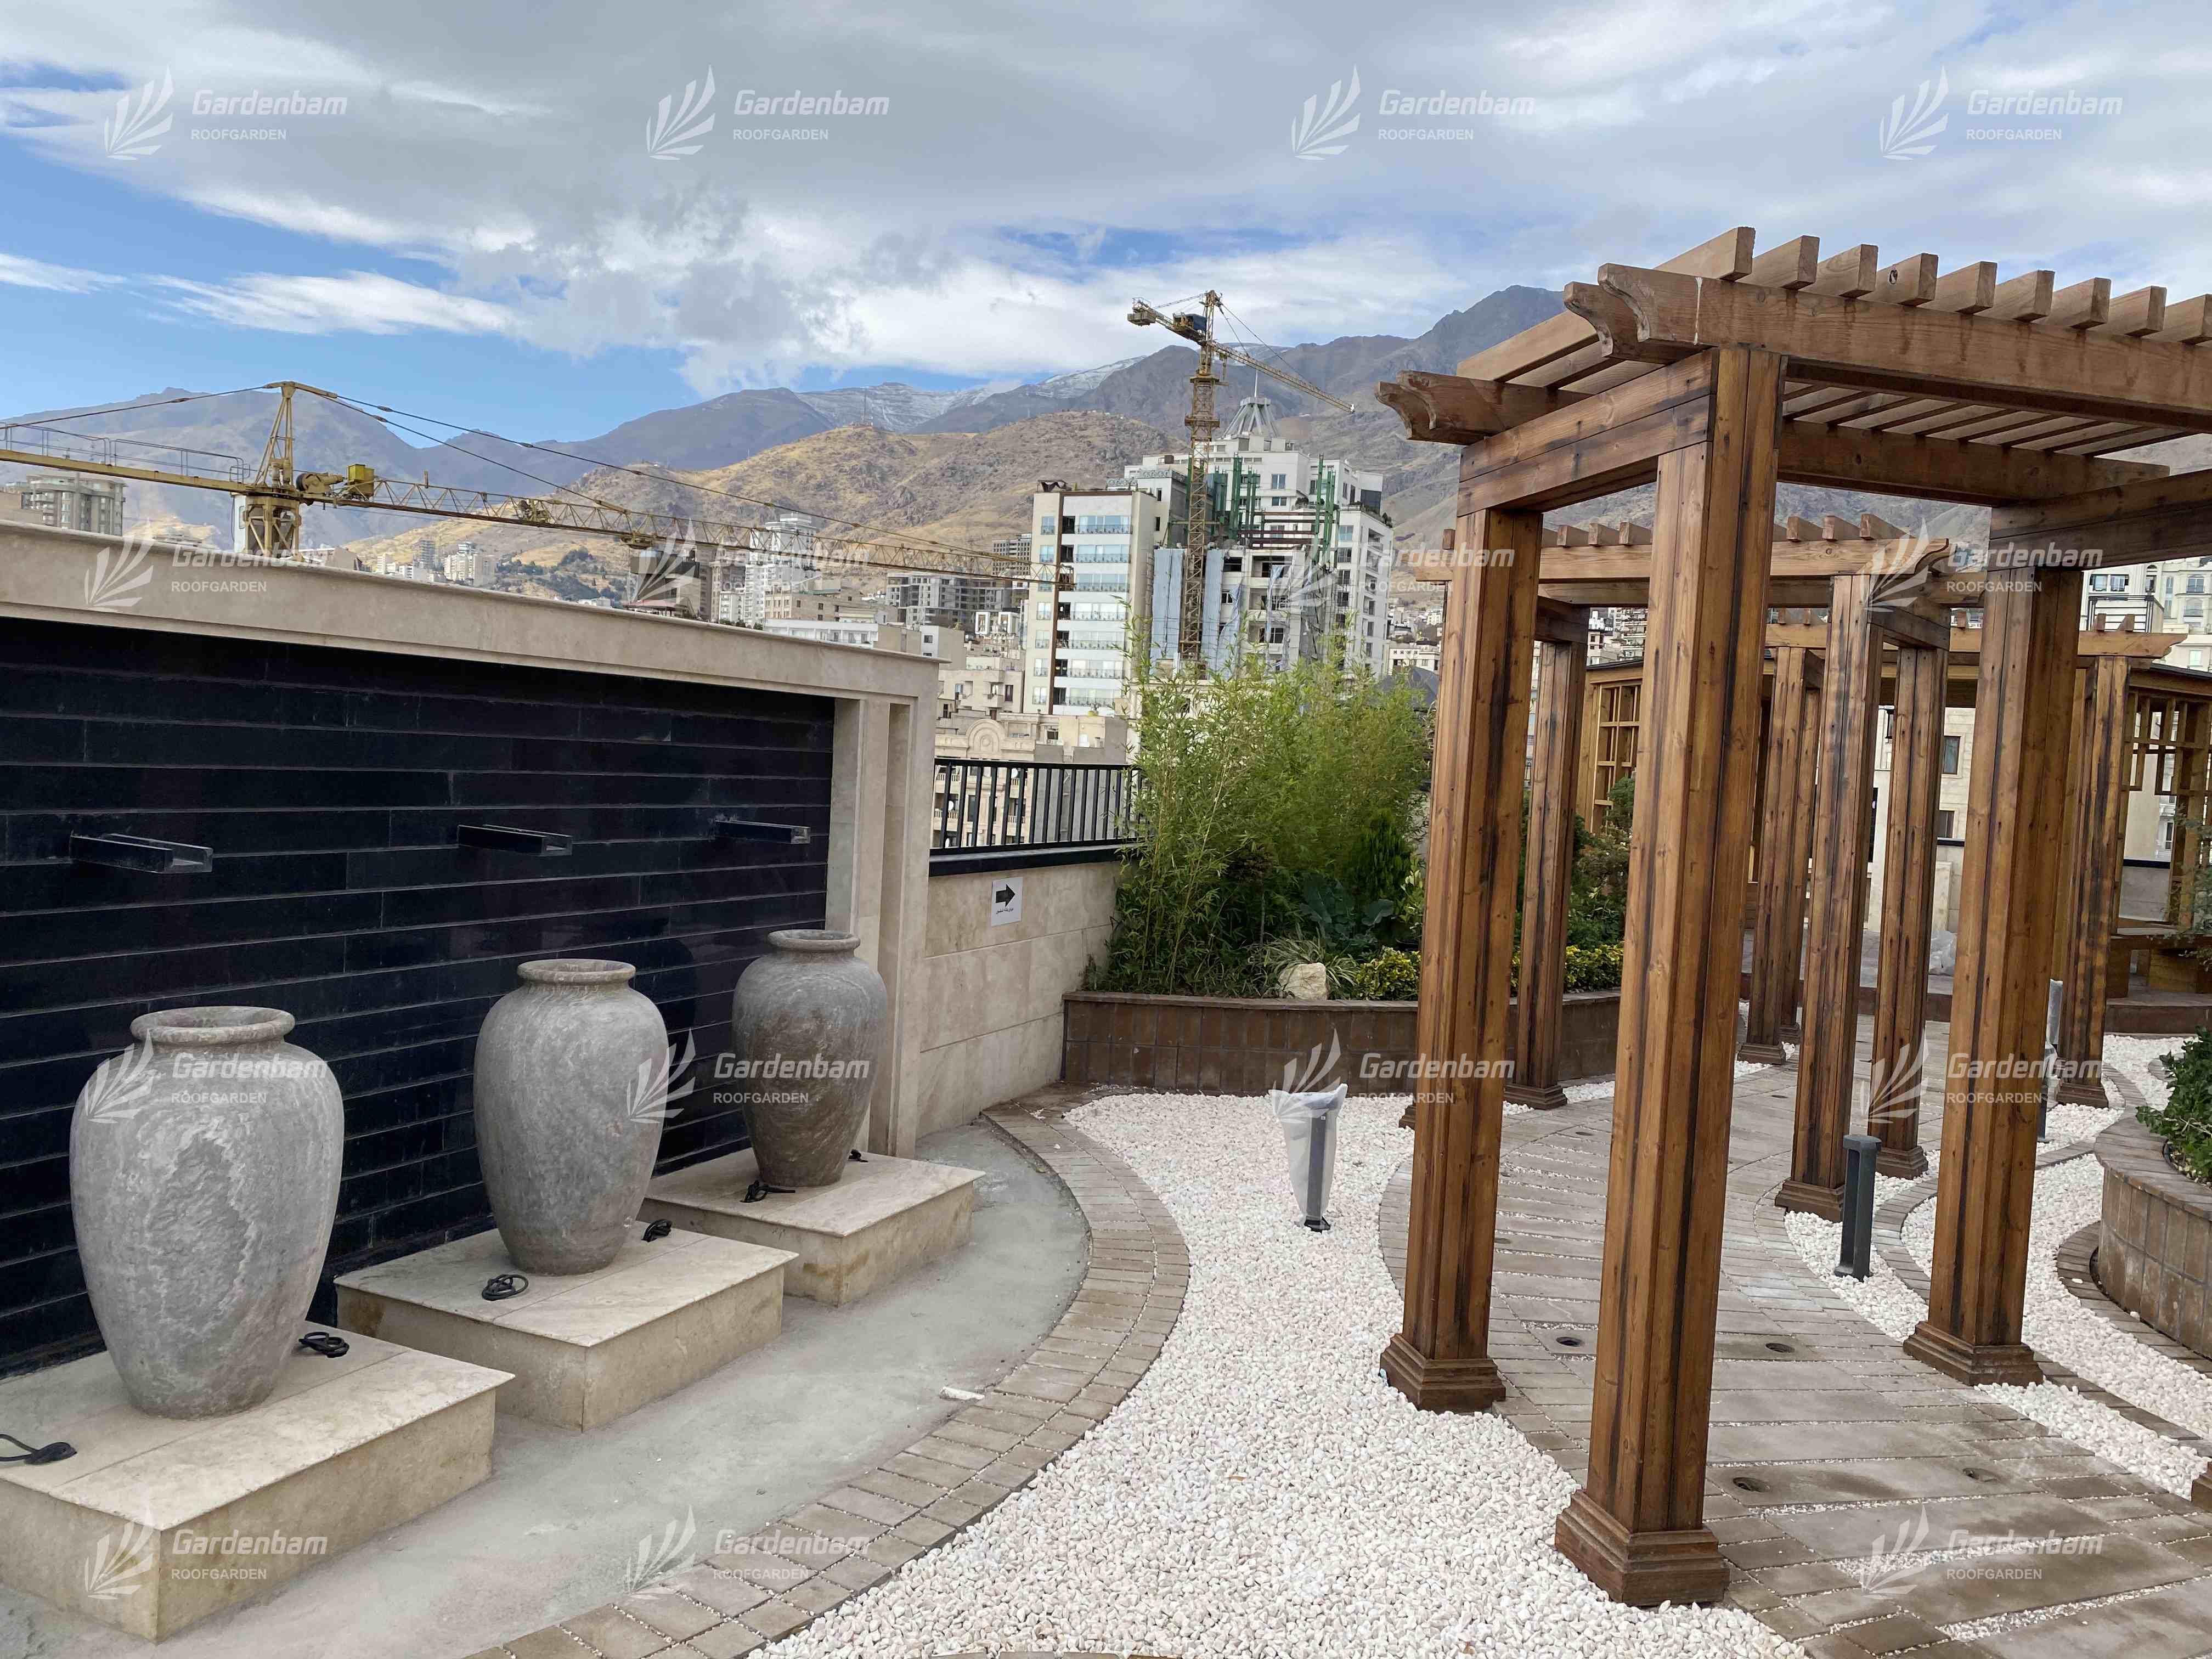 روف گاردن | پروژه روف گاردن | اجرای روف گاردن| بام سبز | پروژه | پرگولا | آتشکده | فضای سبز | محوطه سازی | گاردن بام | کاشت گیاه | آلاچیق